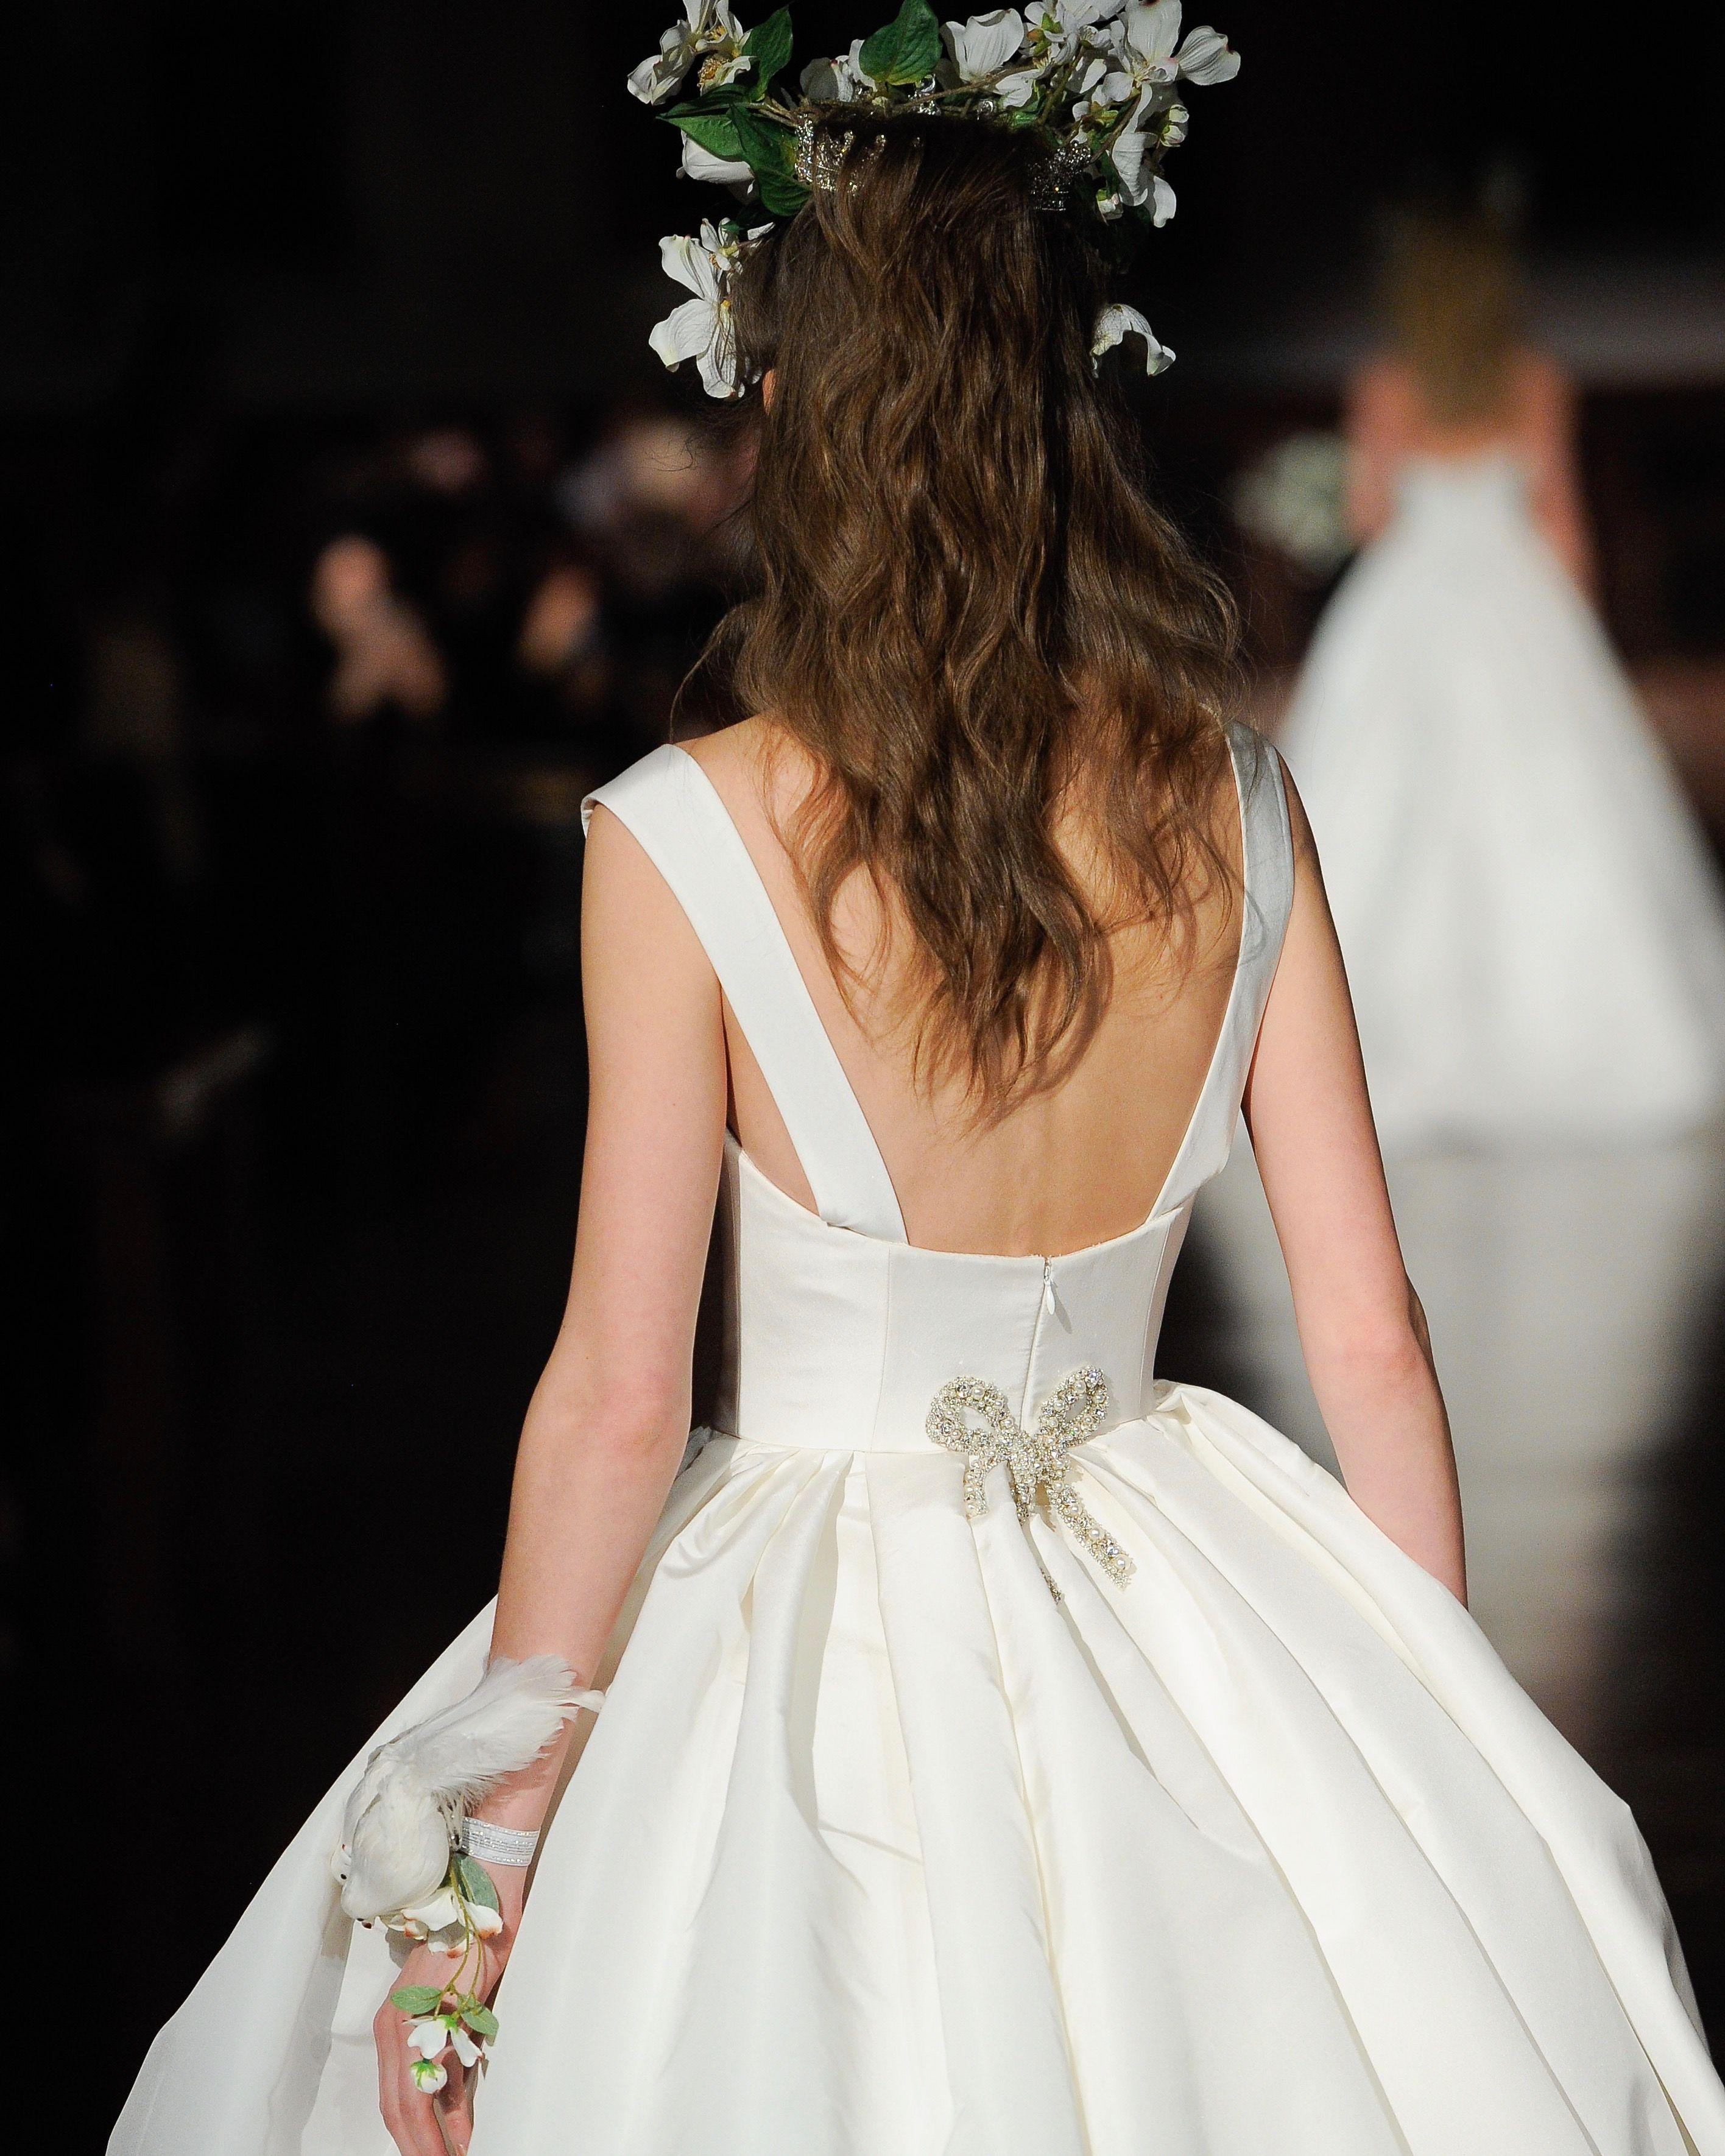 Melody Of Grace Theprophetcollection Visit Us Lelitebridal Boston Ma February 15 February Bow Wedding Dress Wedding Dresses Ball Gown Wedding Dress [ 3540 x 2832 Pixel ]